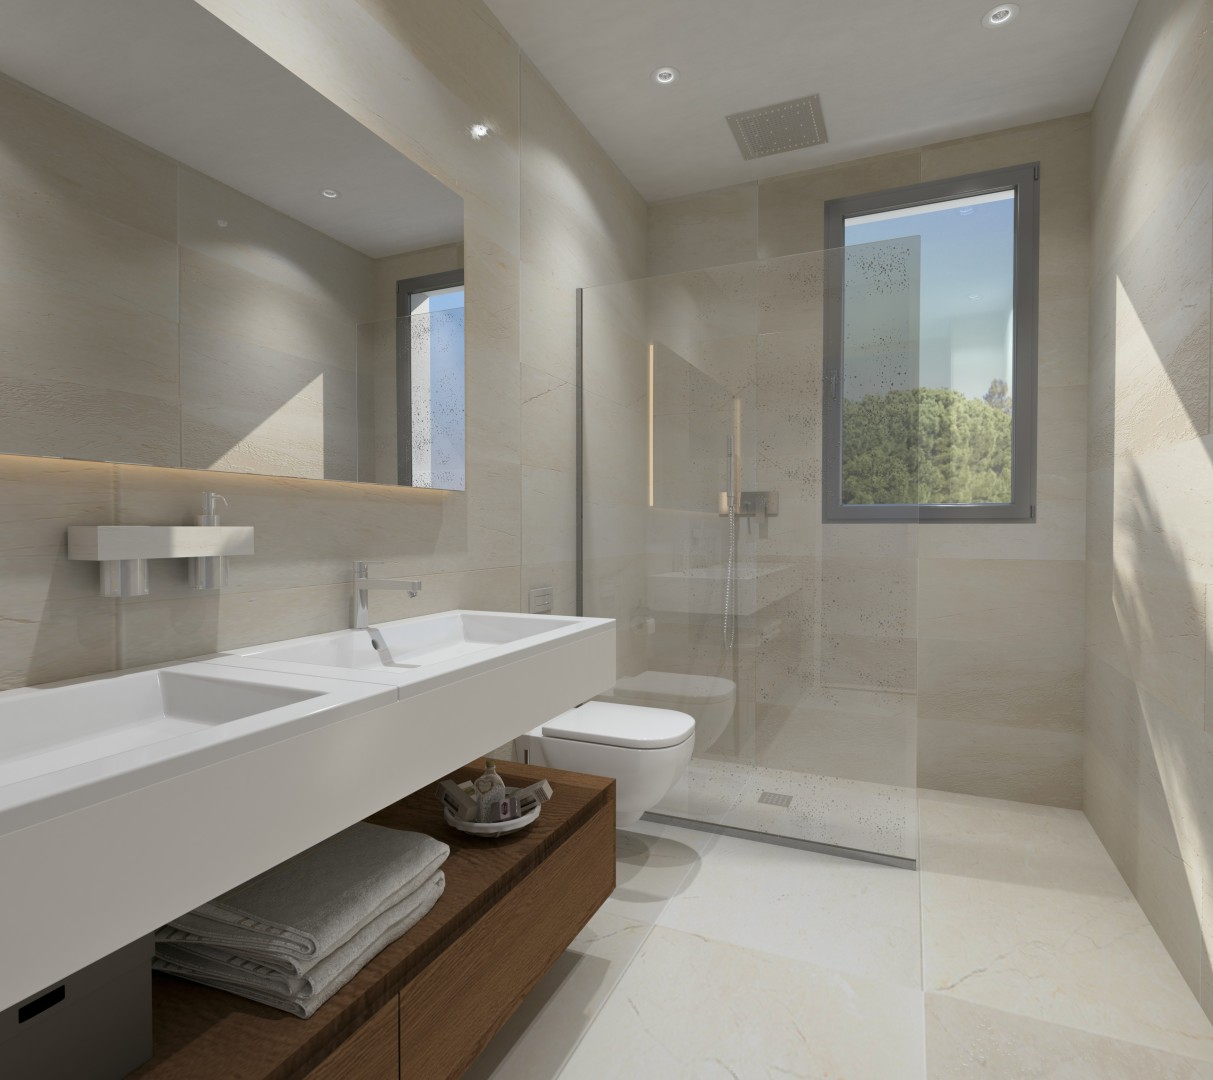 Nieuwbouw project met slechts 34 stijlvolle en sfeervol gelegen villa's in La Cala de Mijas.PL48